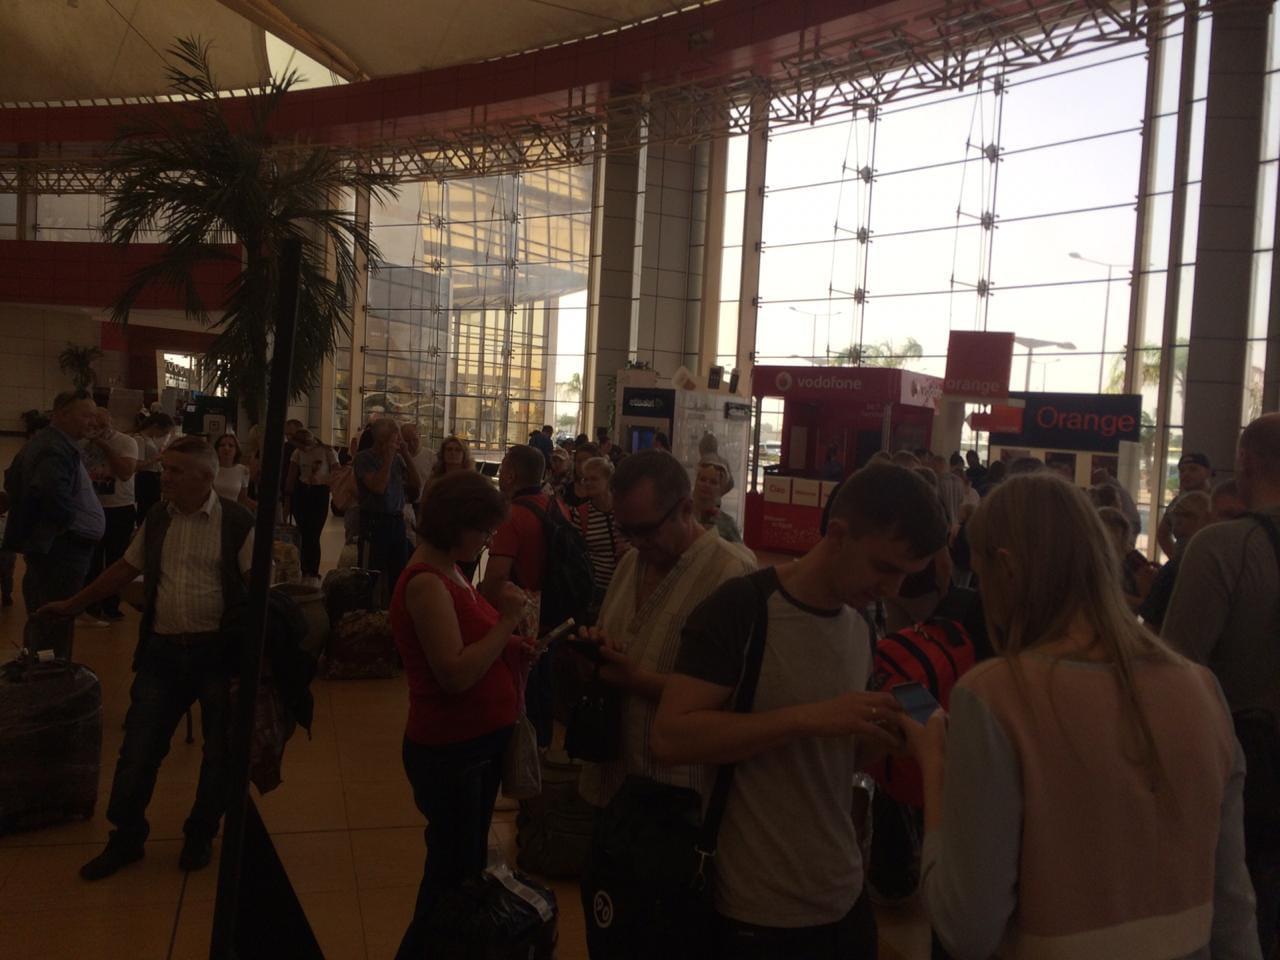 وصول اول طائرة من روسيا اليوم الي مطار شرم الشيخ  (3)